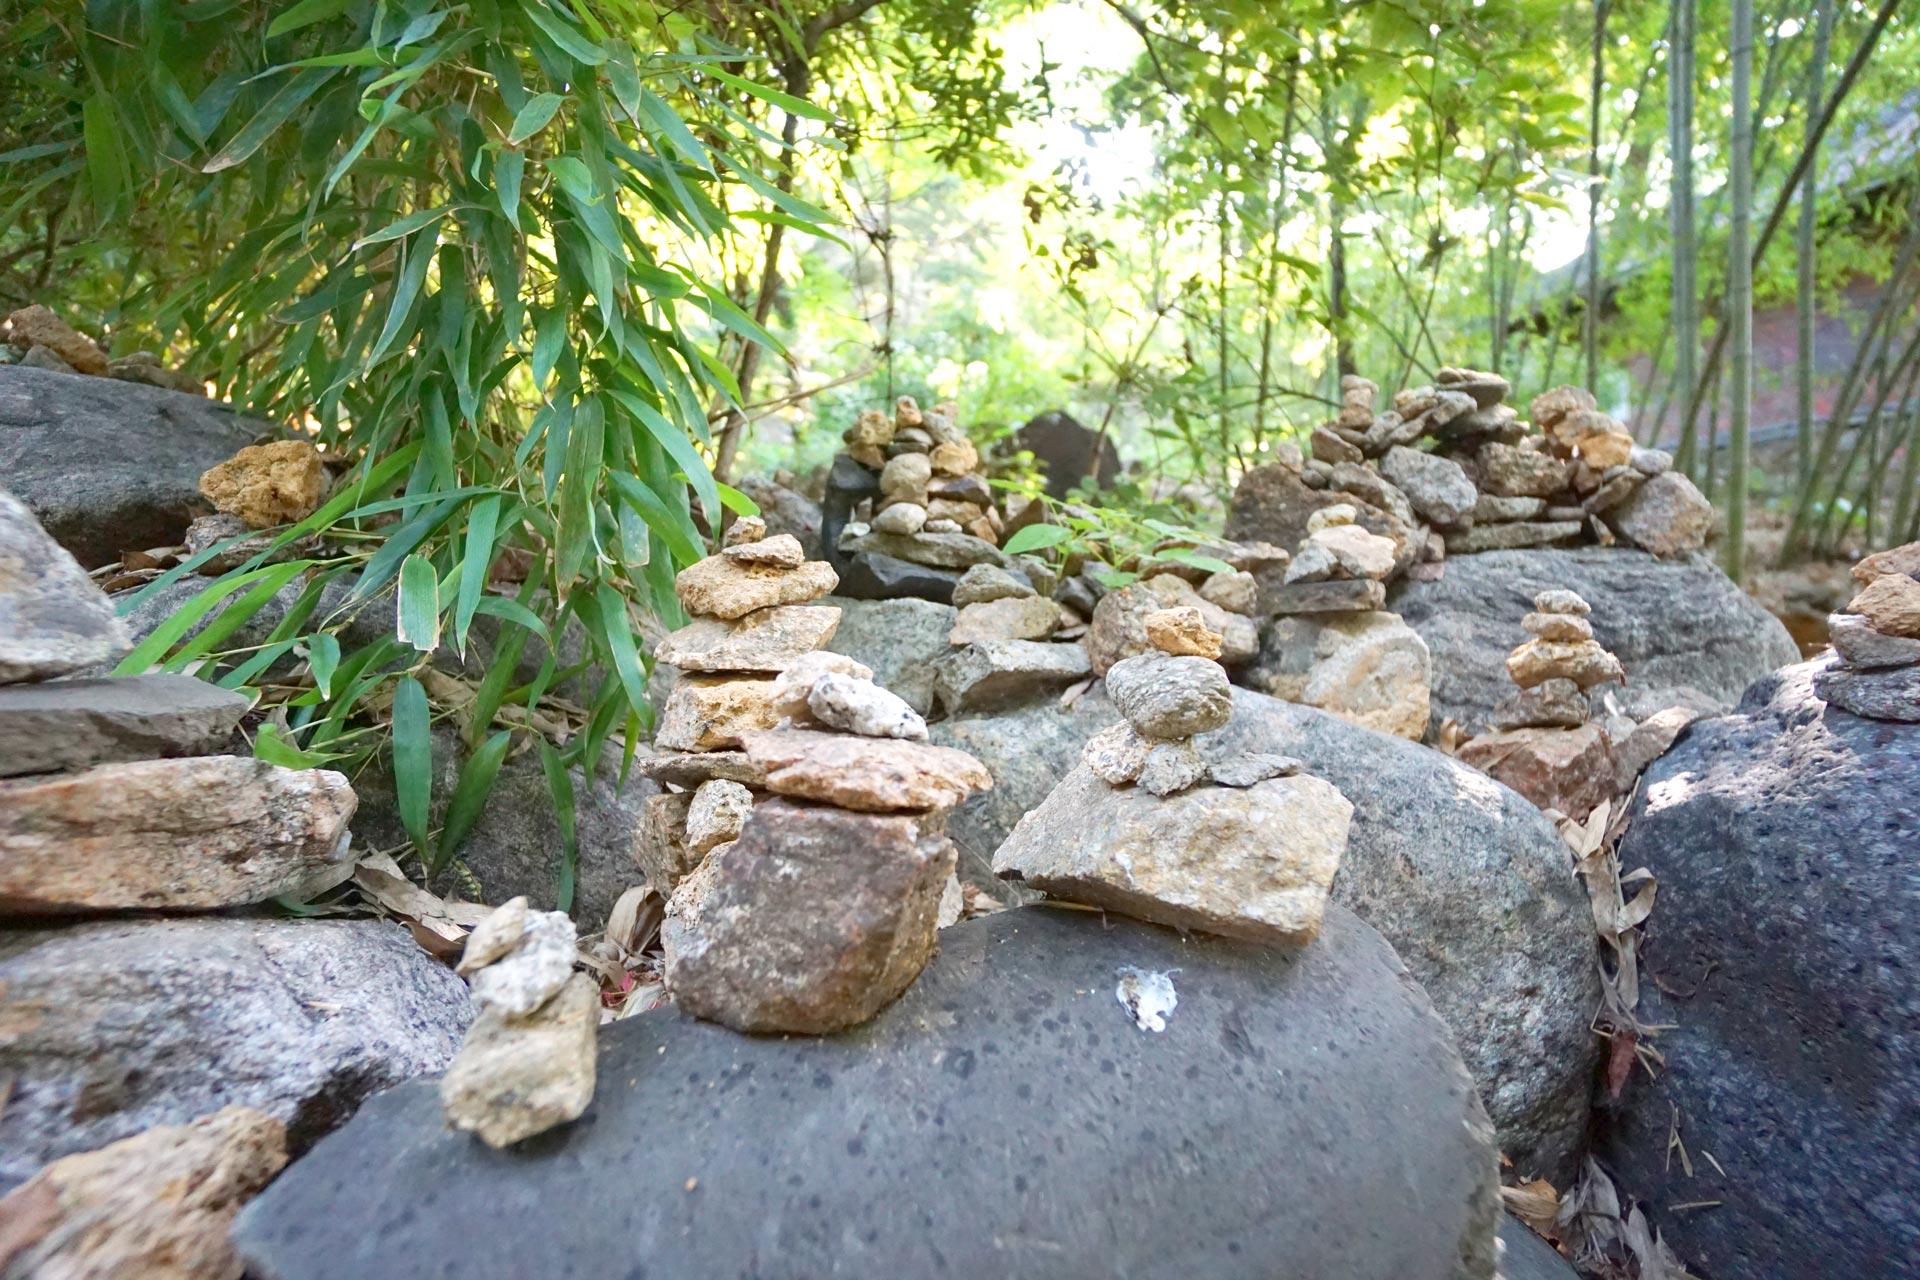 Wie in vielen anderen buddhistischen Tempeln finden sich auch in Gilsangsa unzählige Steinpagoden.